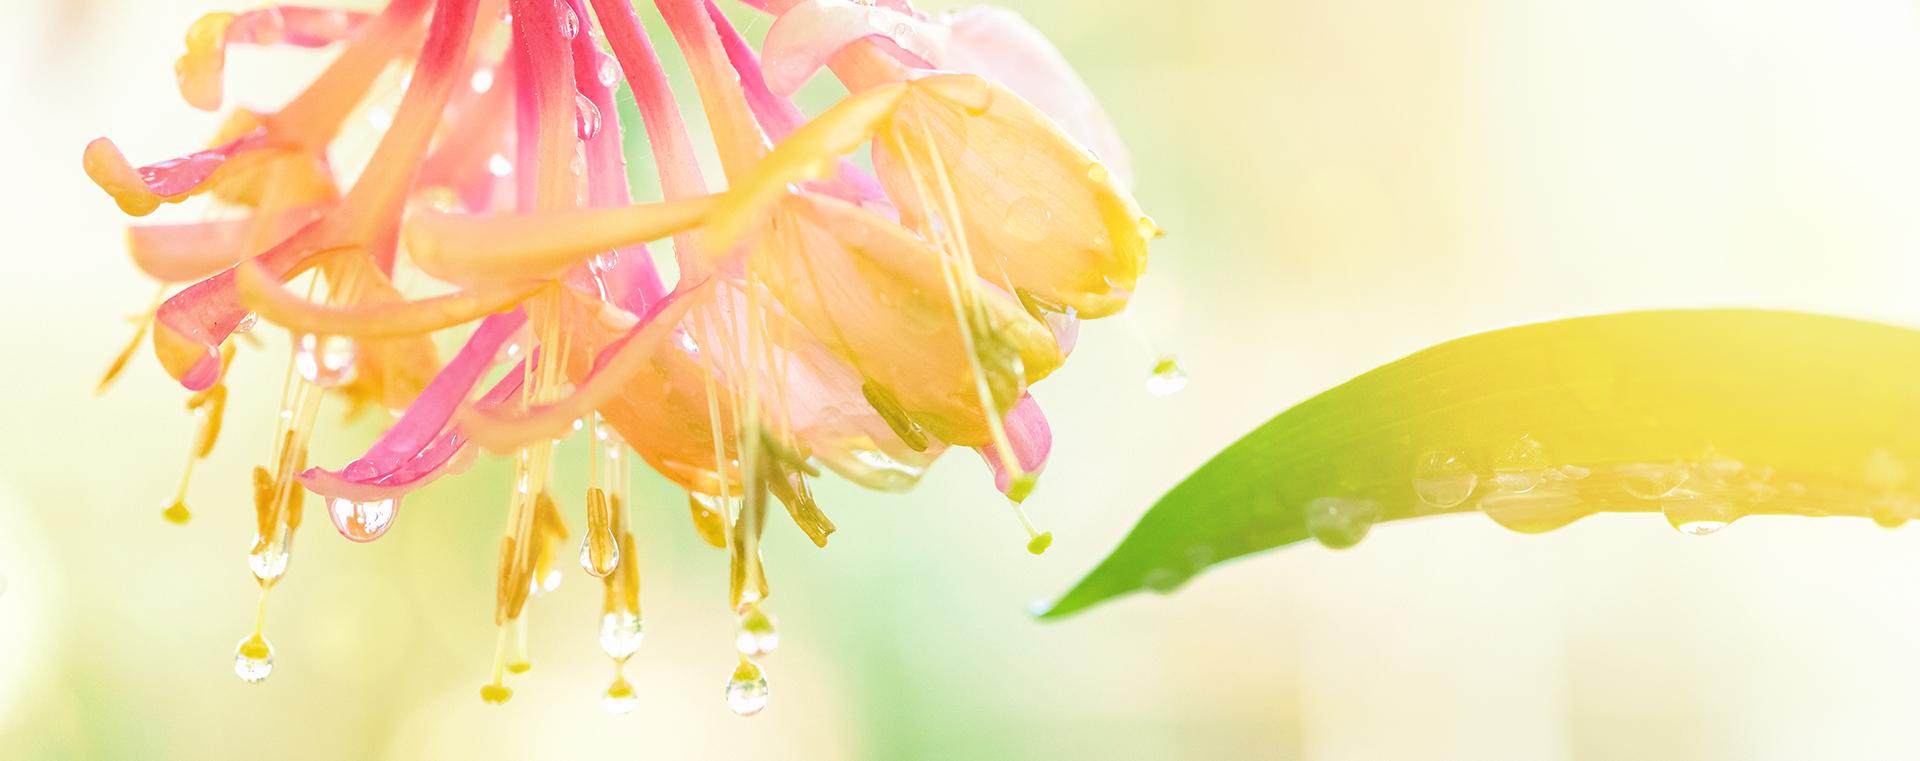 Nr 16 Honeysuckle Geissblatt Desinteresse an der Gegenwart Lemon Pharma Original Bachblüten Dr. Bach